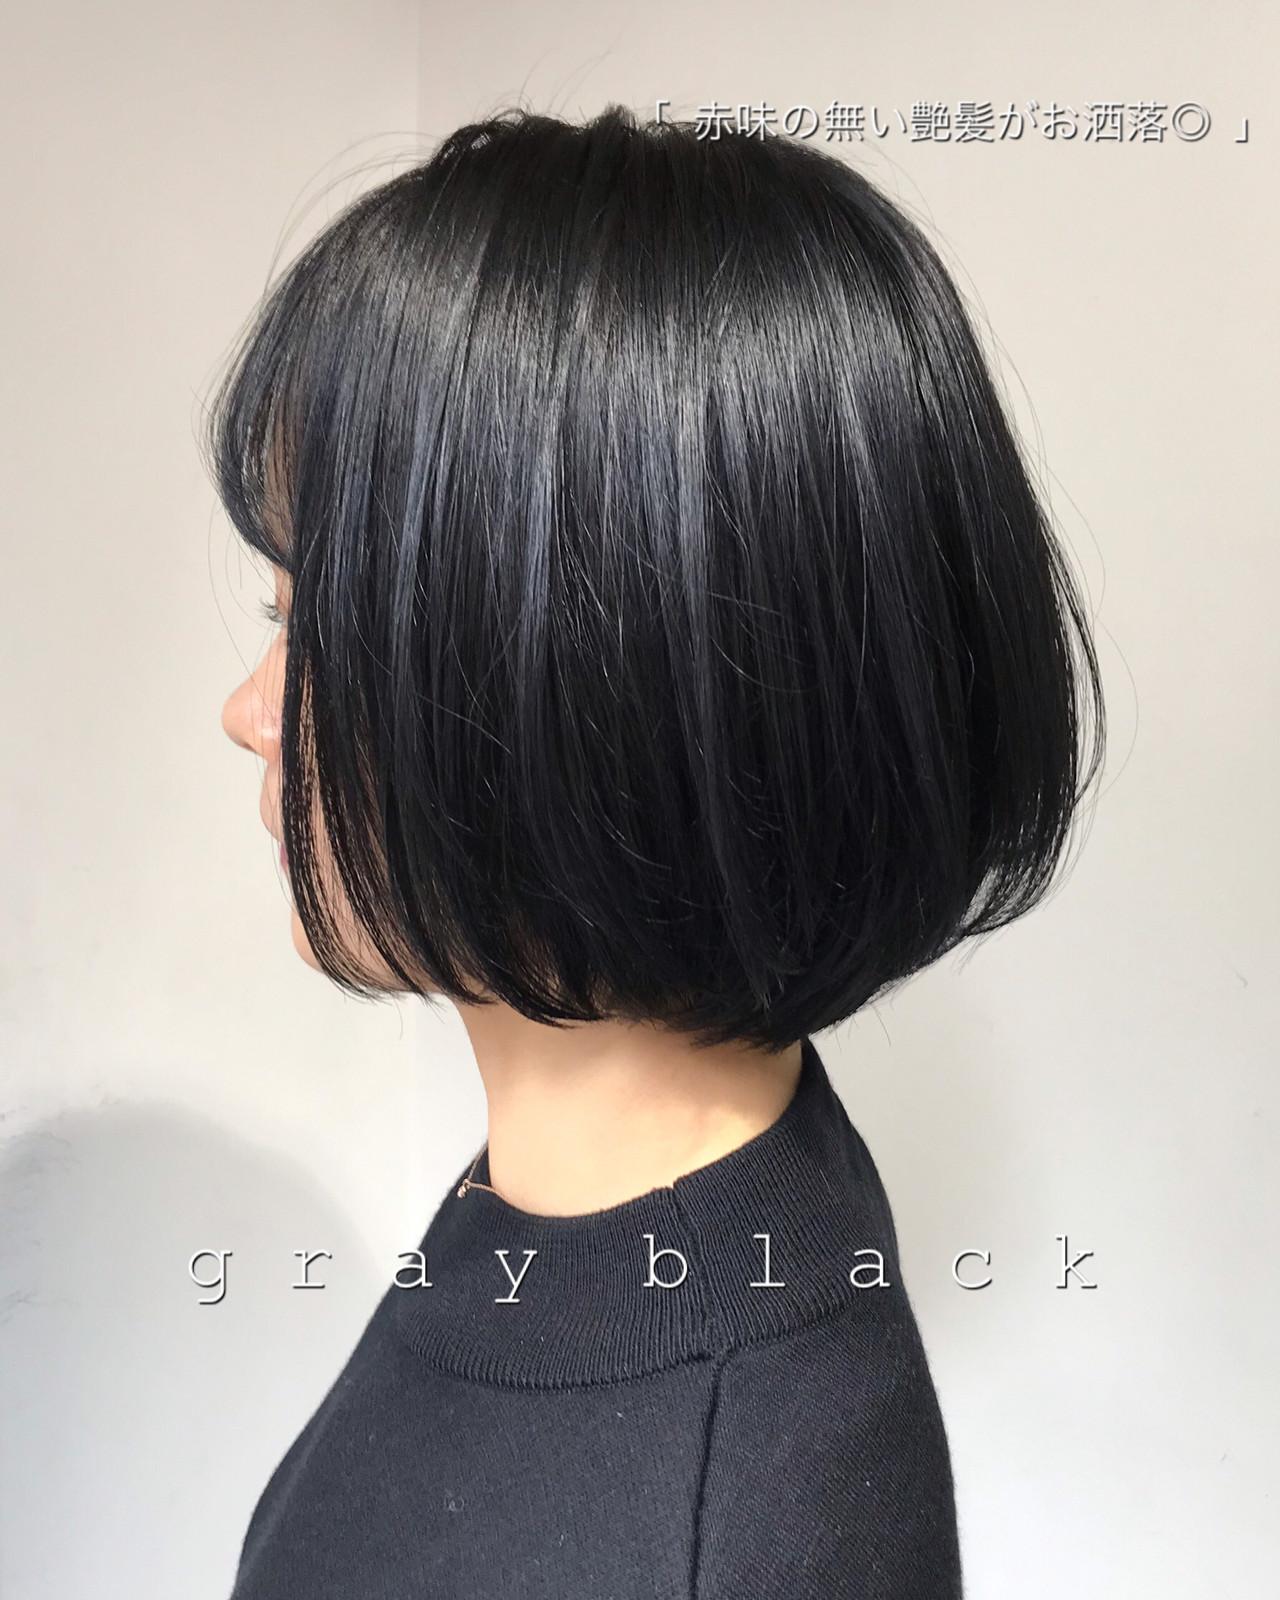 ブルーブラック 暗髪 グレージュ アッシュグレージュ ヘアスタイルや髪型の写真・画像